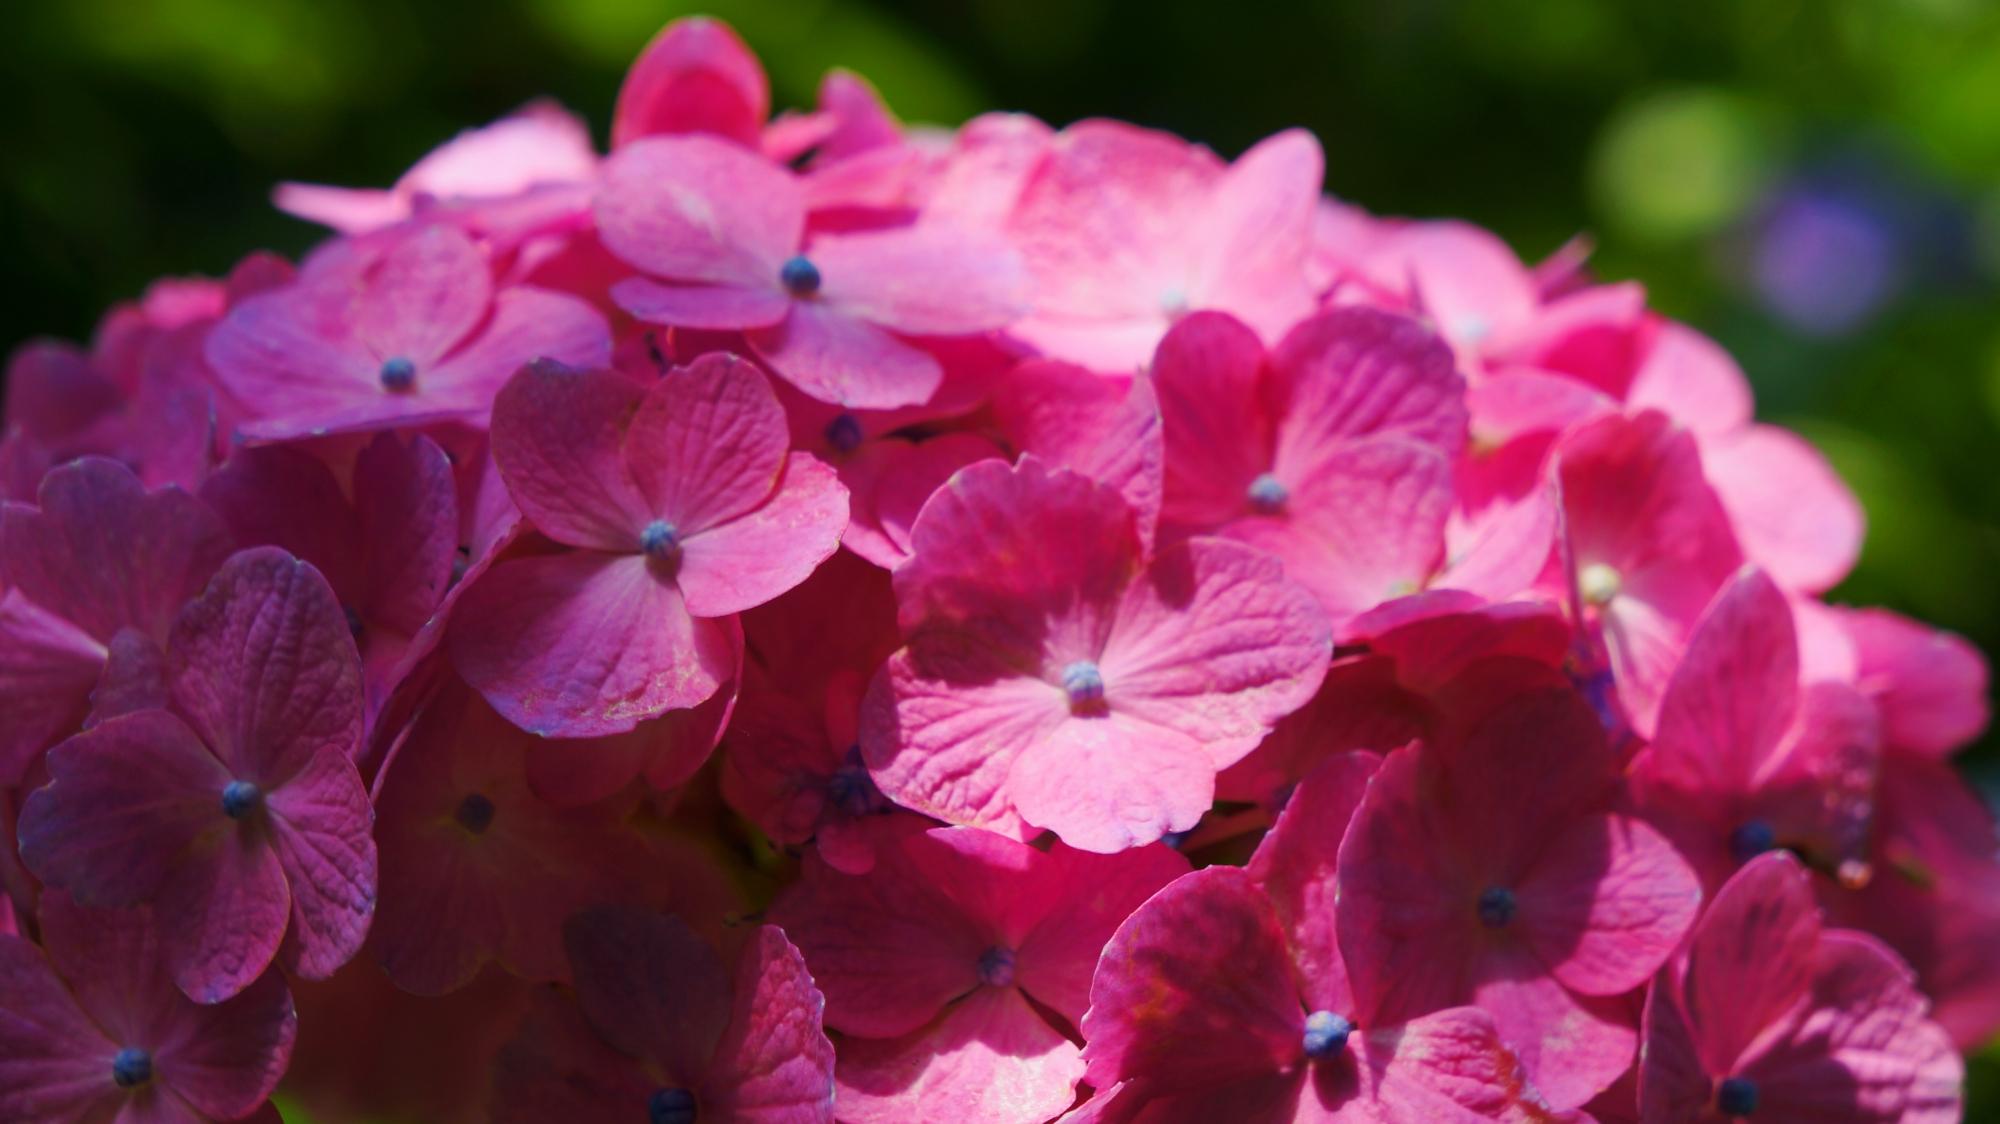 光と影が演出する藤森神社の美しい紫陽花